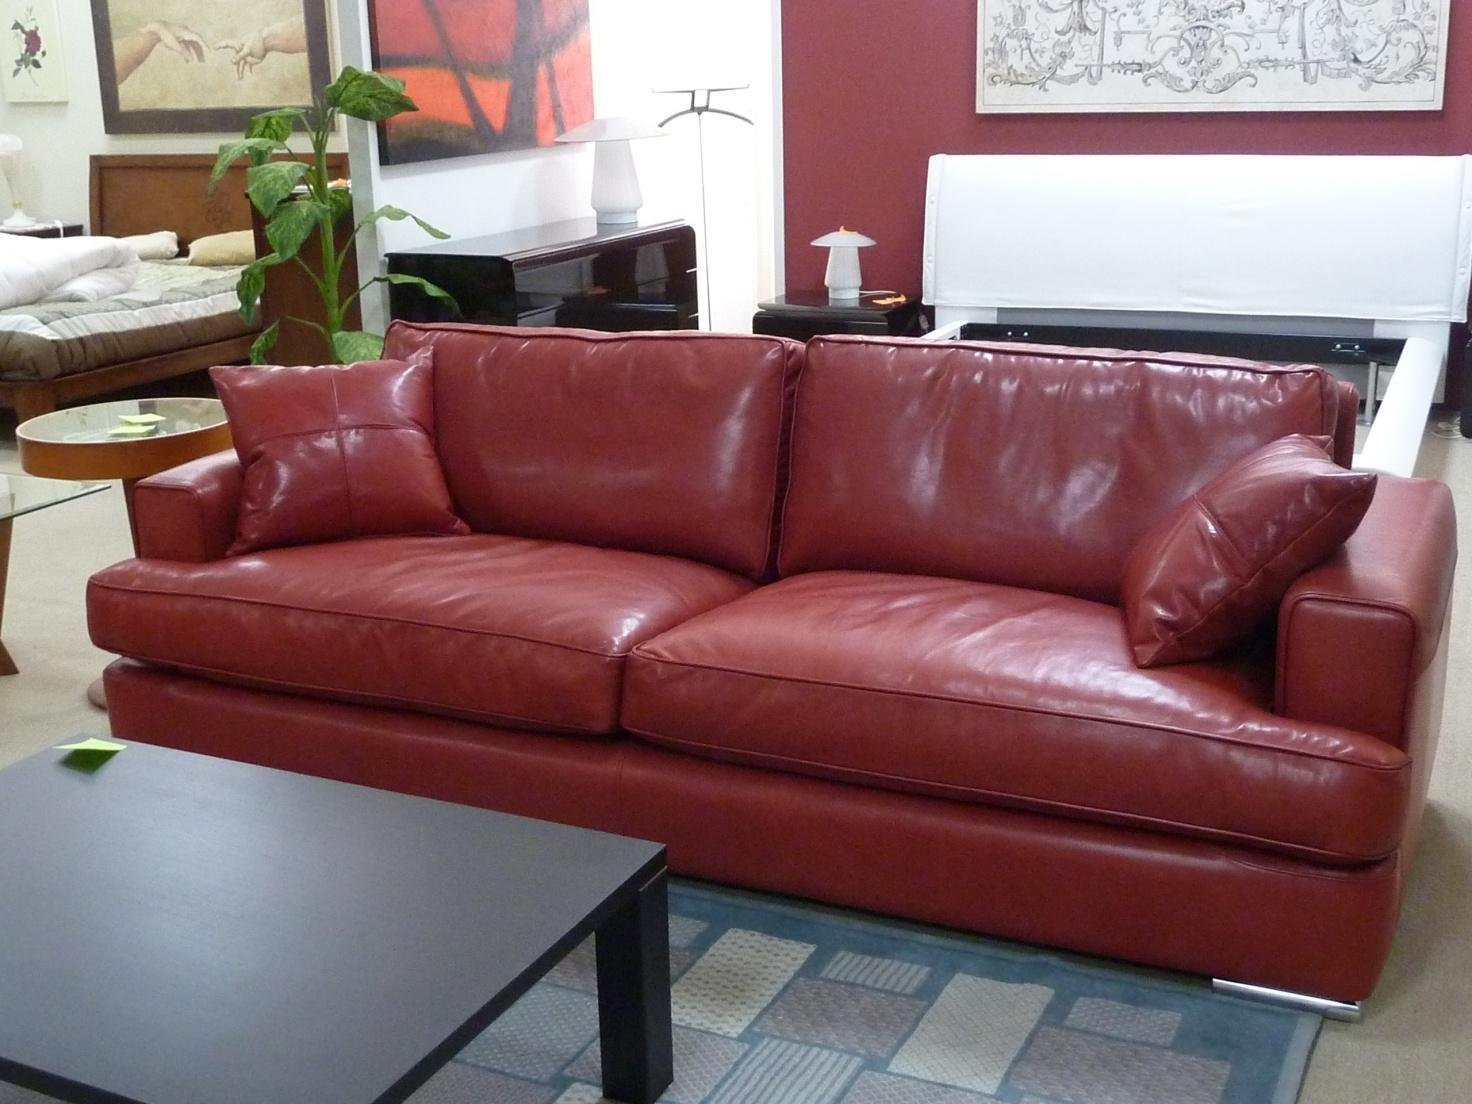 Divano cava modello panama divani a prezzi scontati for Prezzi divani baxter